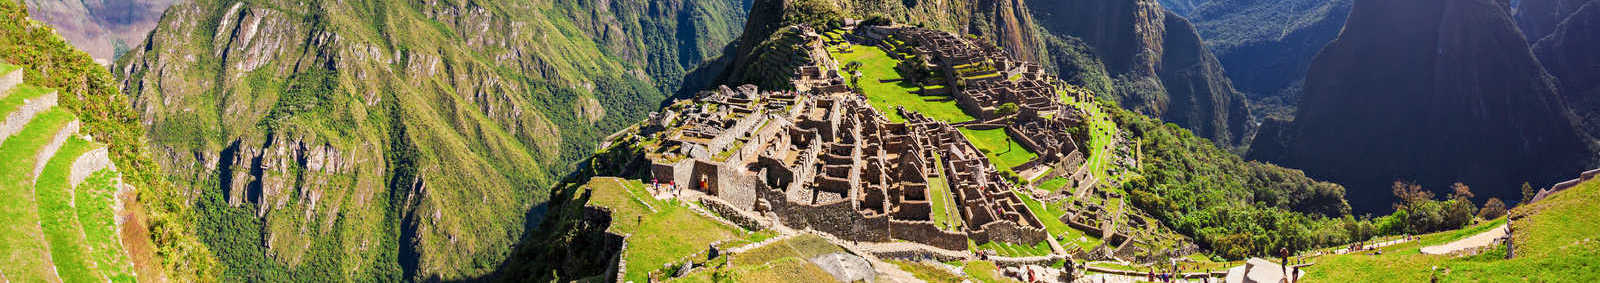 Machu Picchu and the Sun Gate